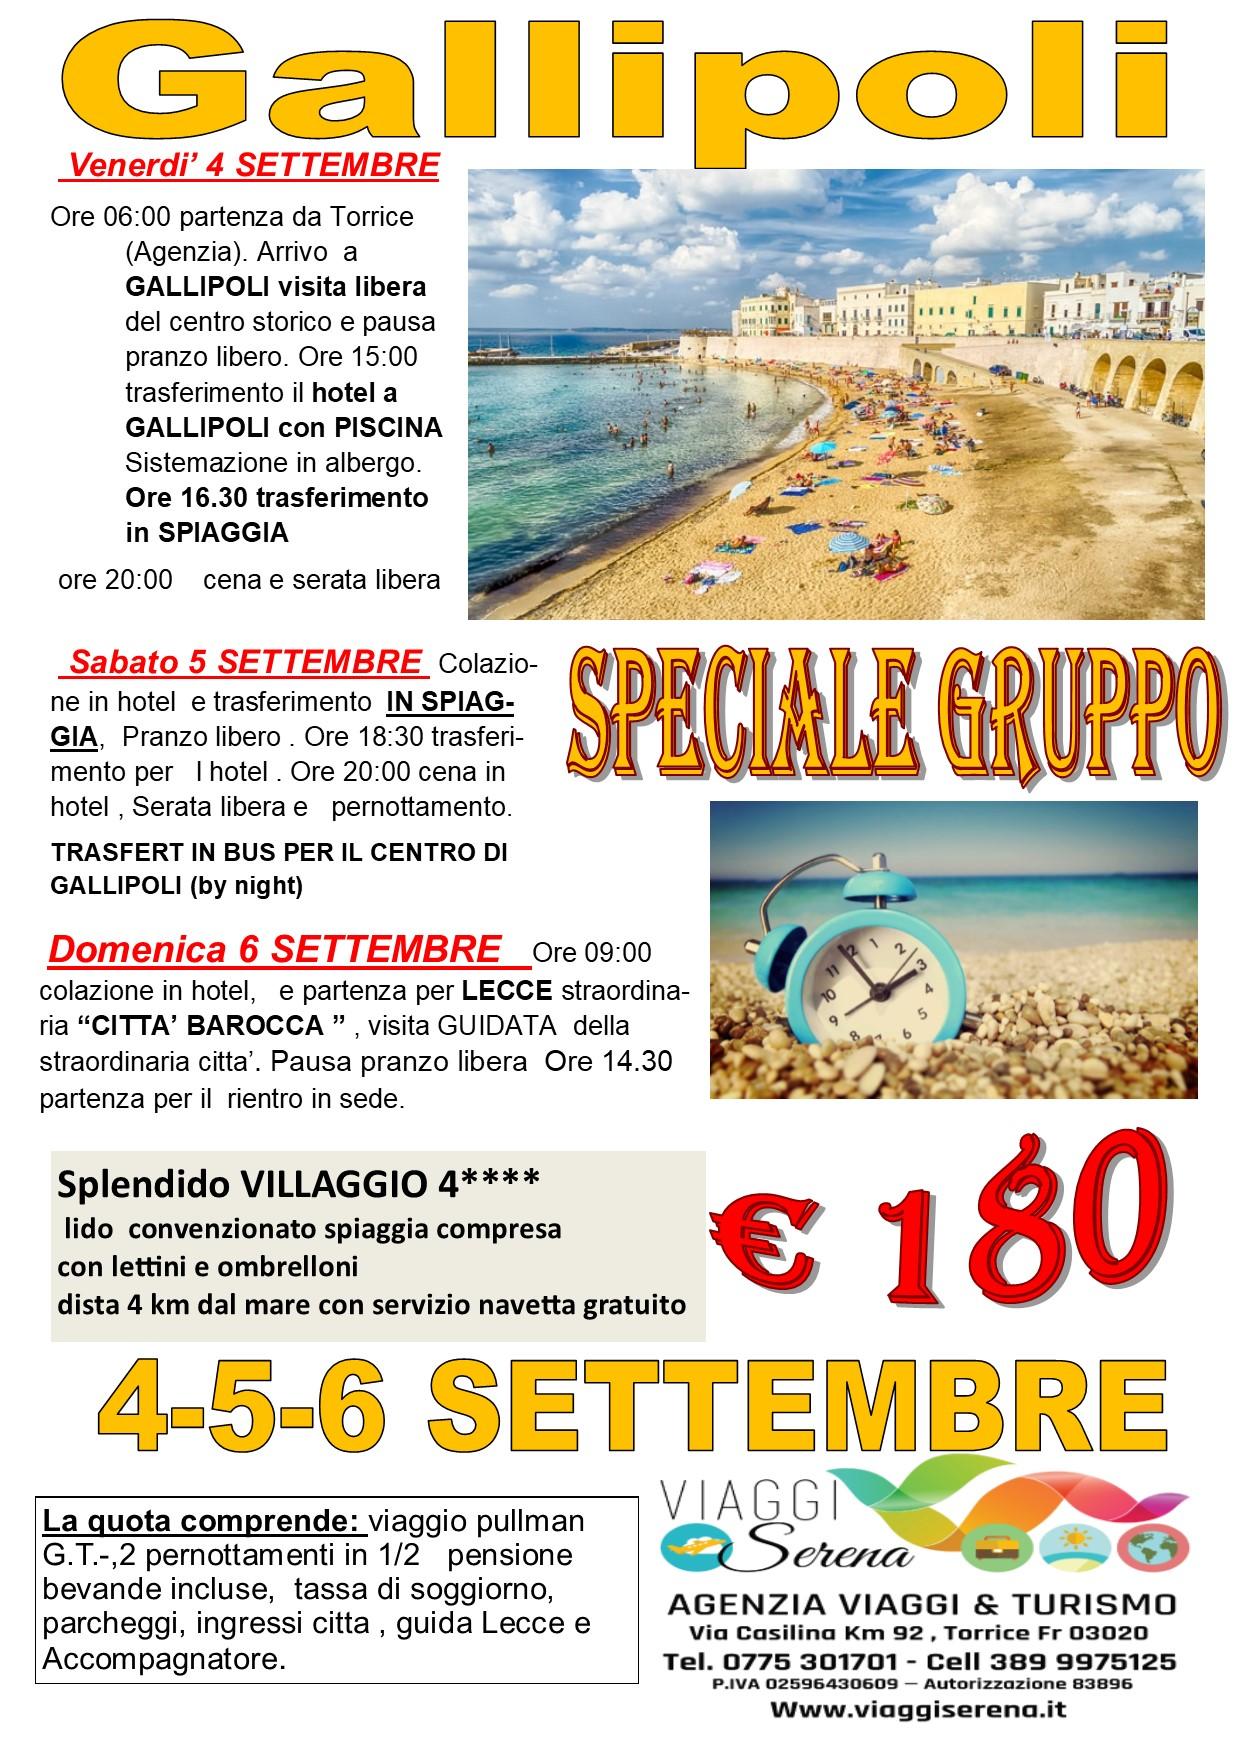 Viaggi di Gruppo: GALLIPOLI & Lecce 4-5-6 Settembre € 180,00